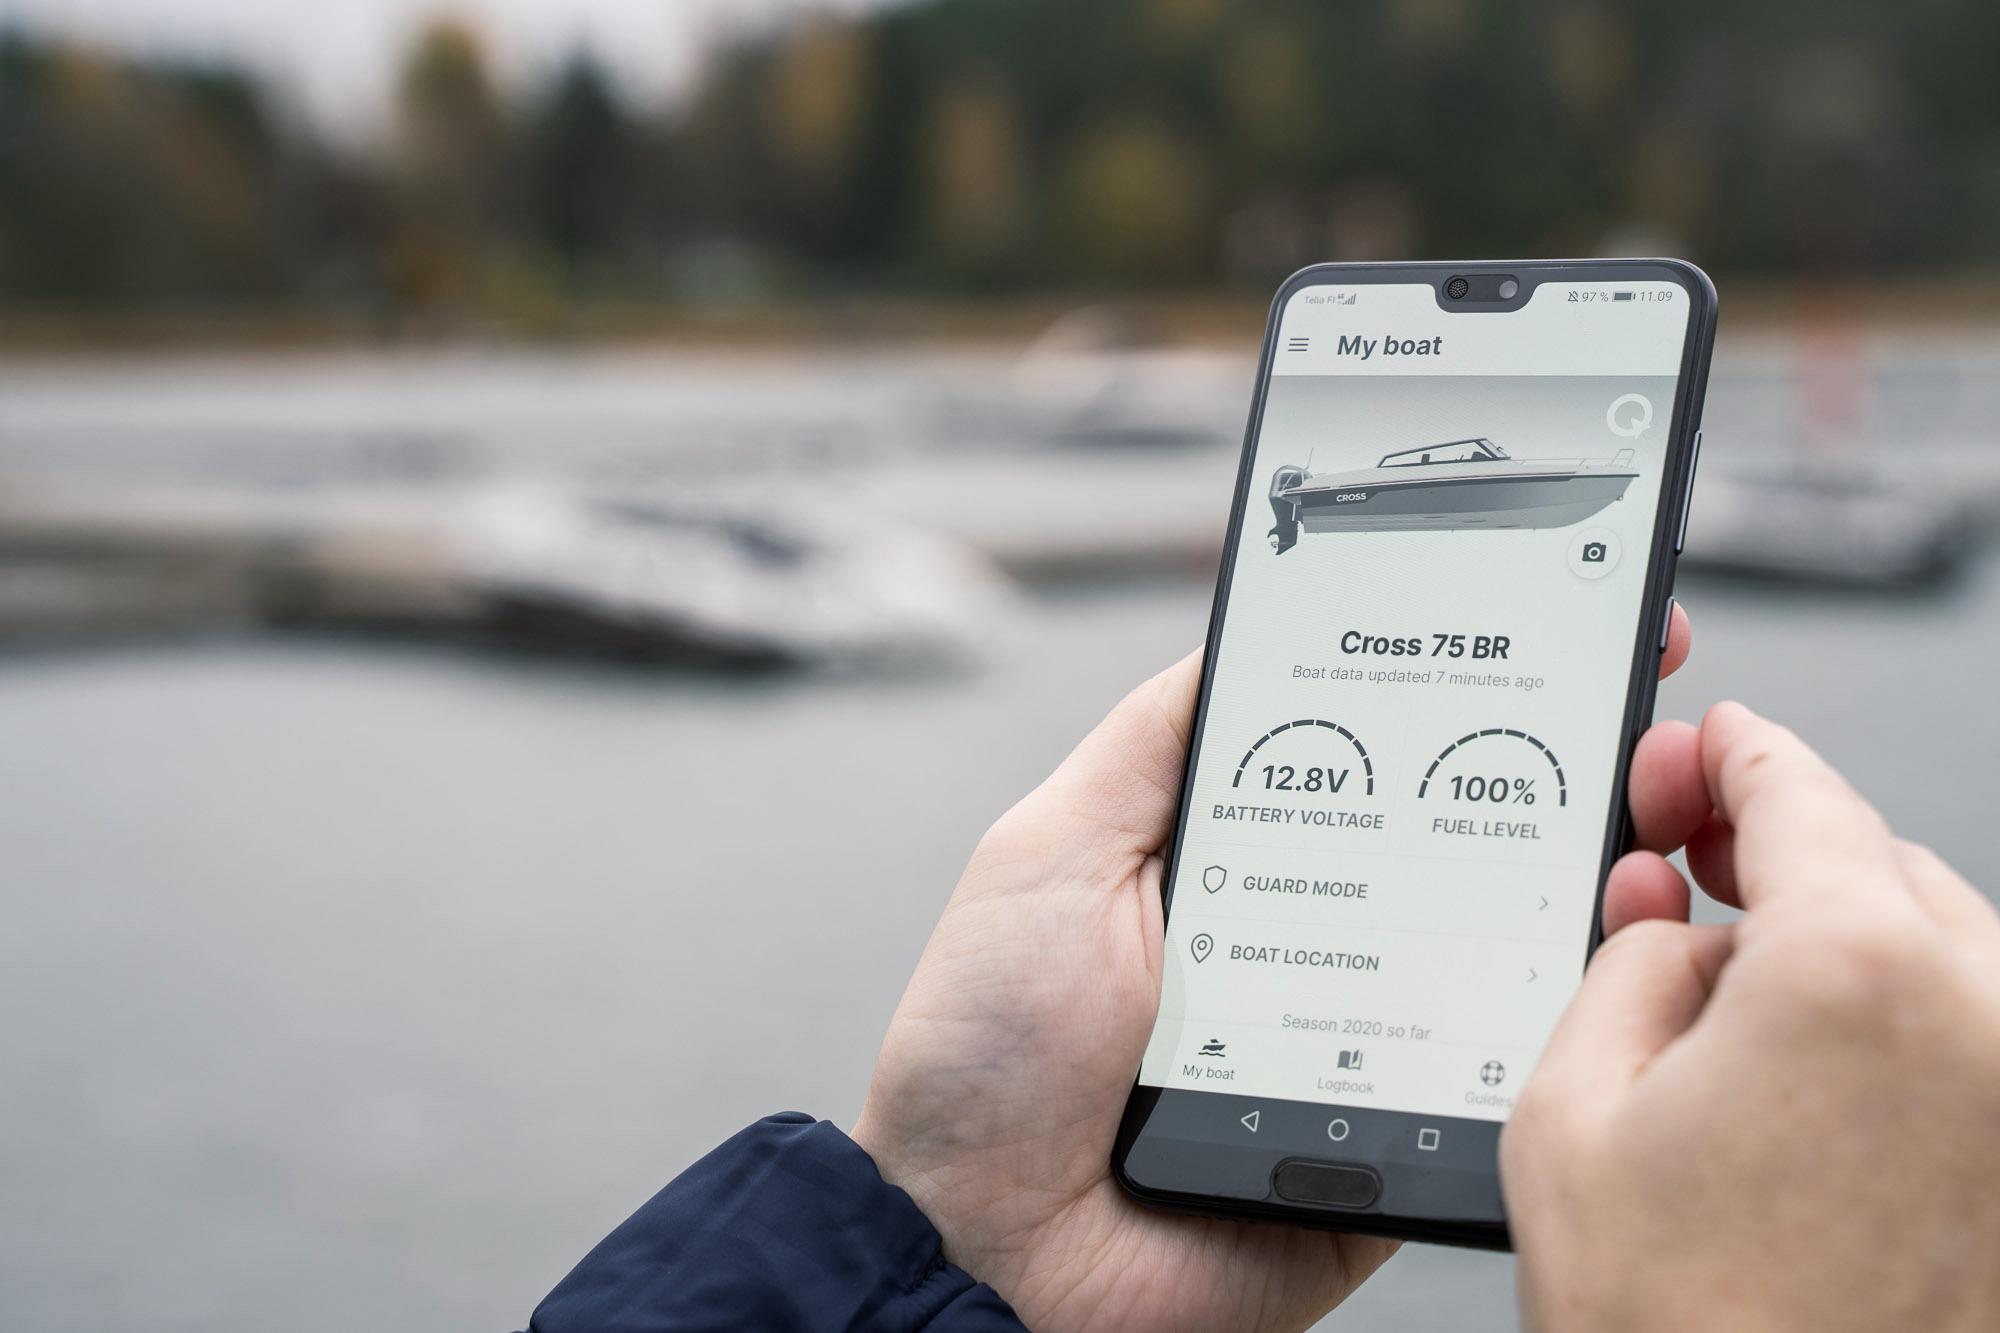 Kaikki irti tuotteestasi Nextfourin mobiili<br>kehityksen avulla